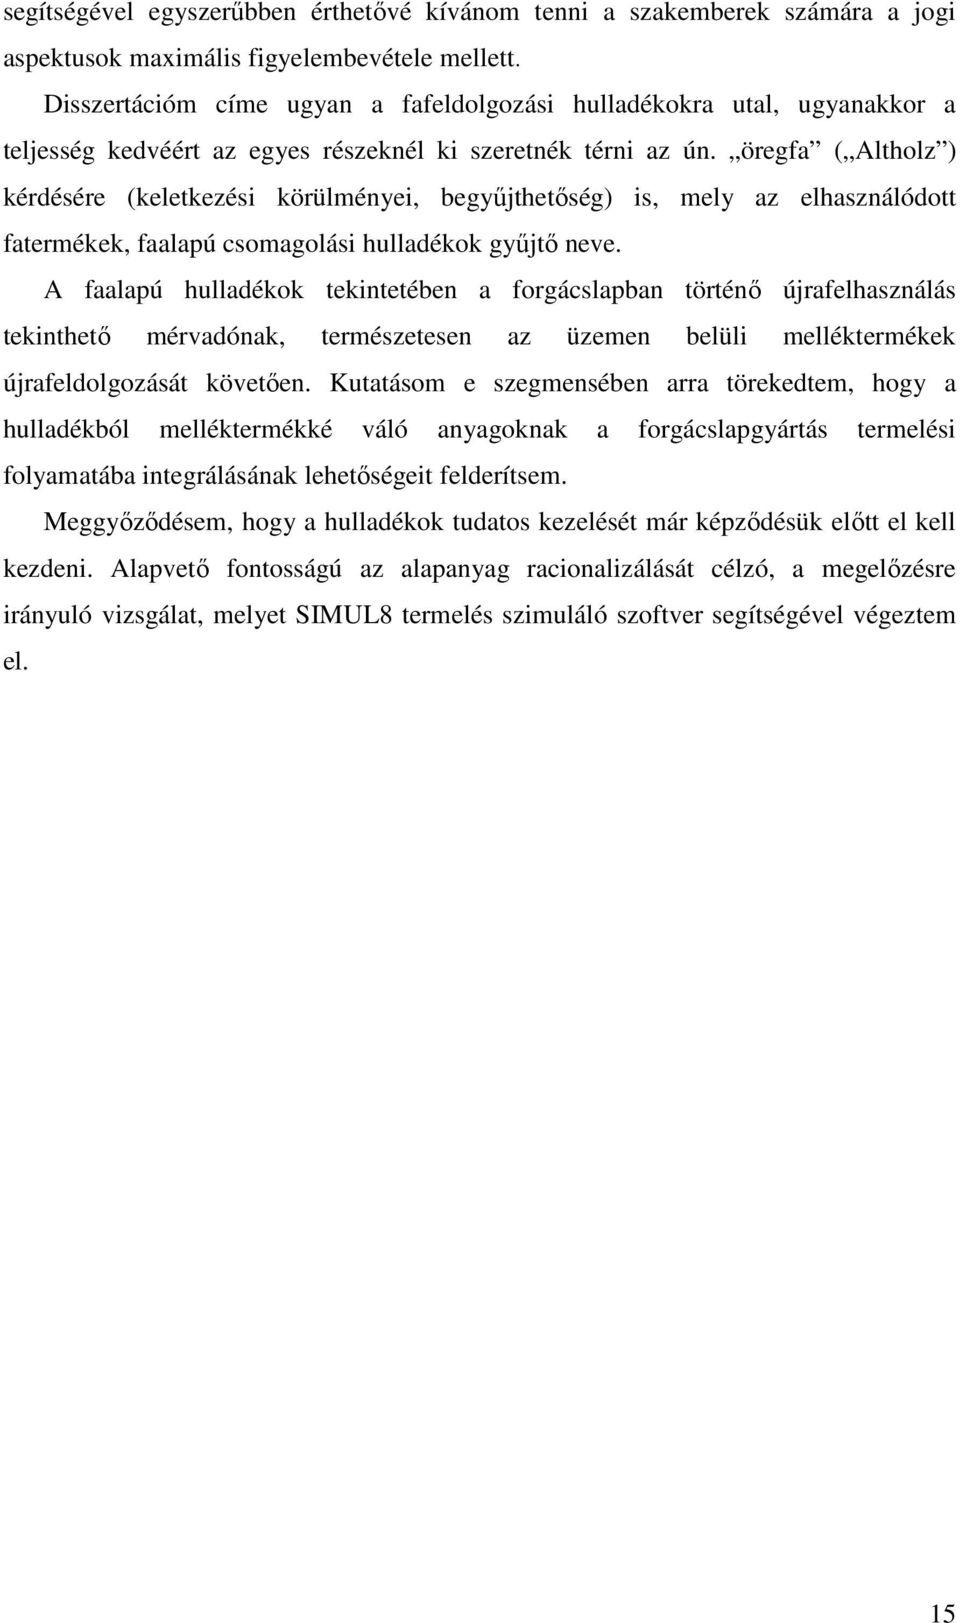 tőke visszaforgatása - Magyar-Angol Szótár - Glosbe